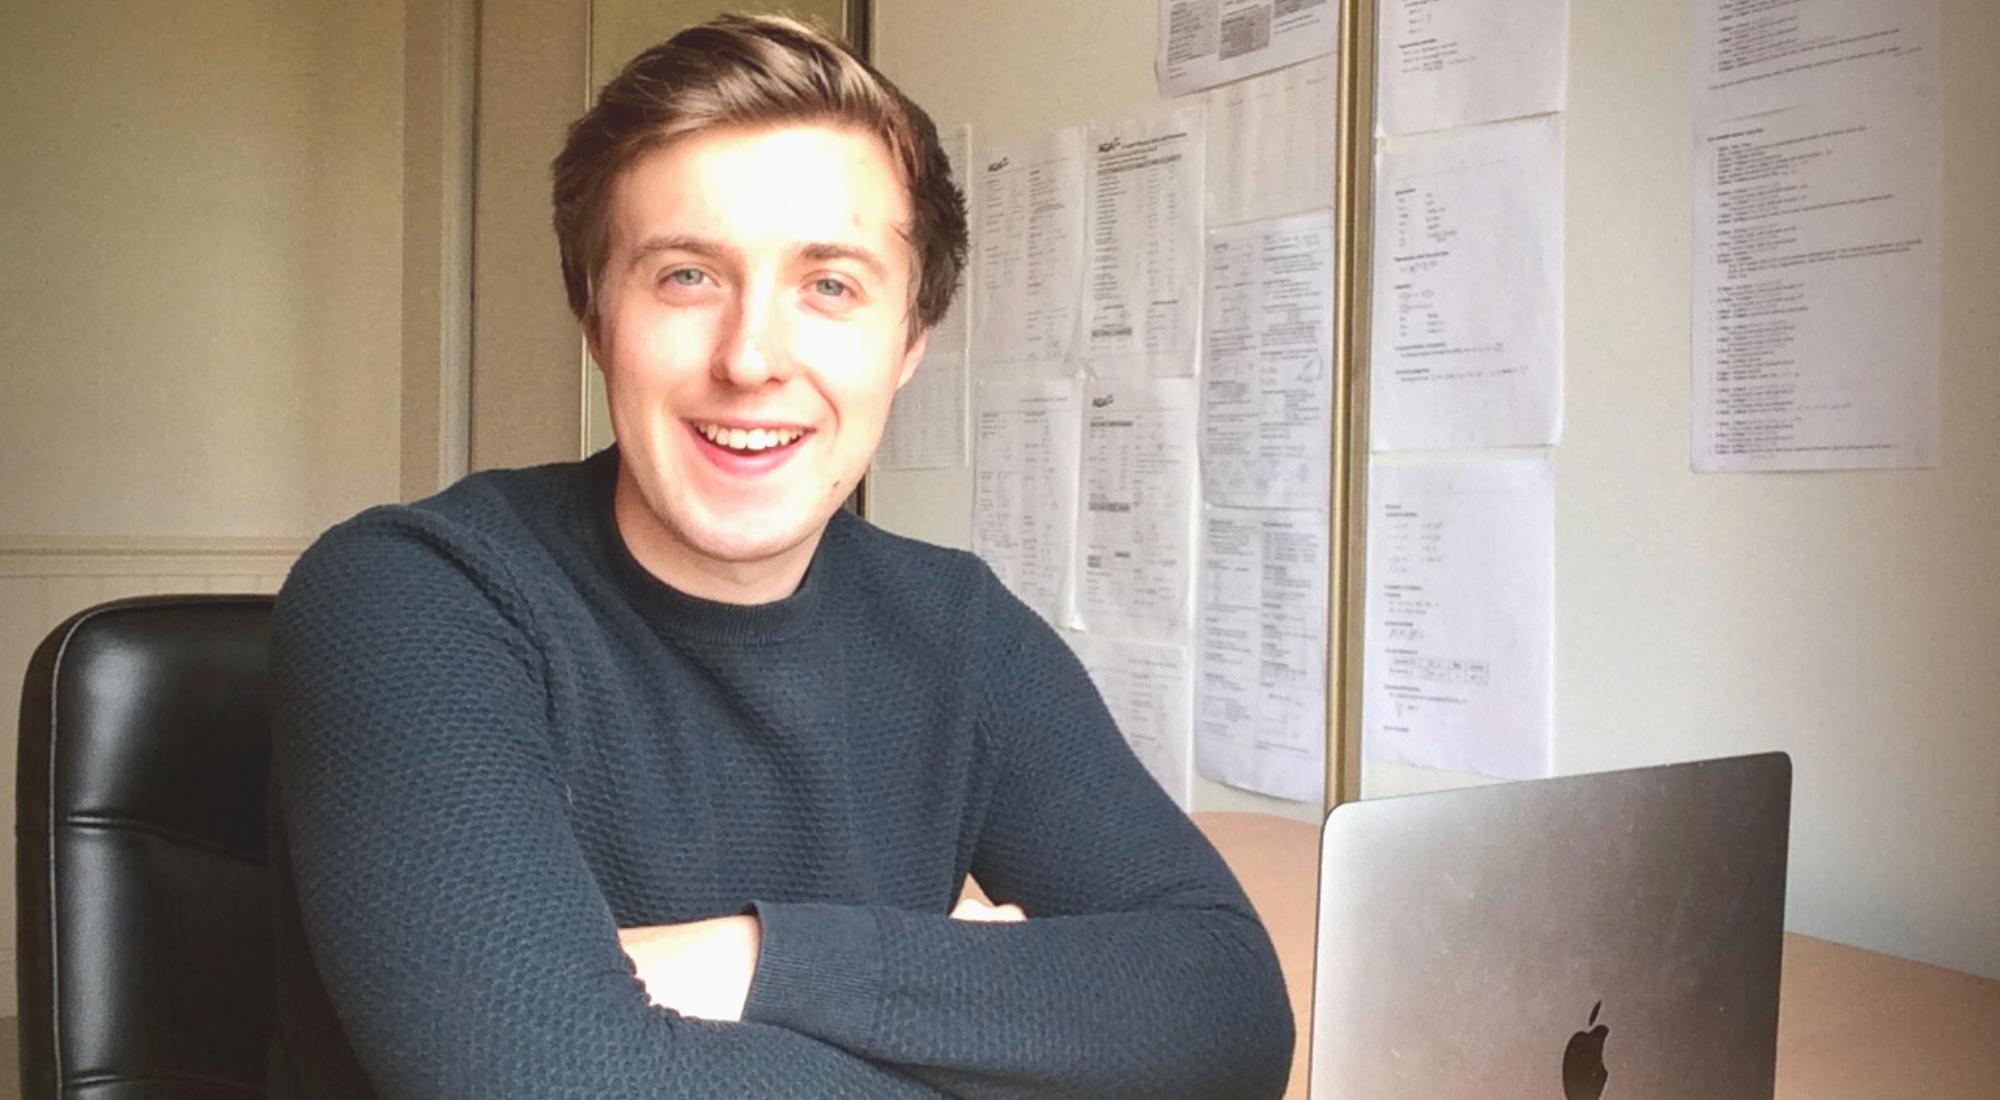 Gareth Evans sitting at desk